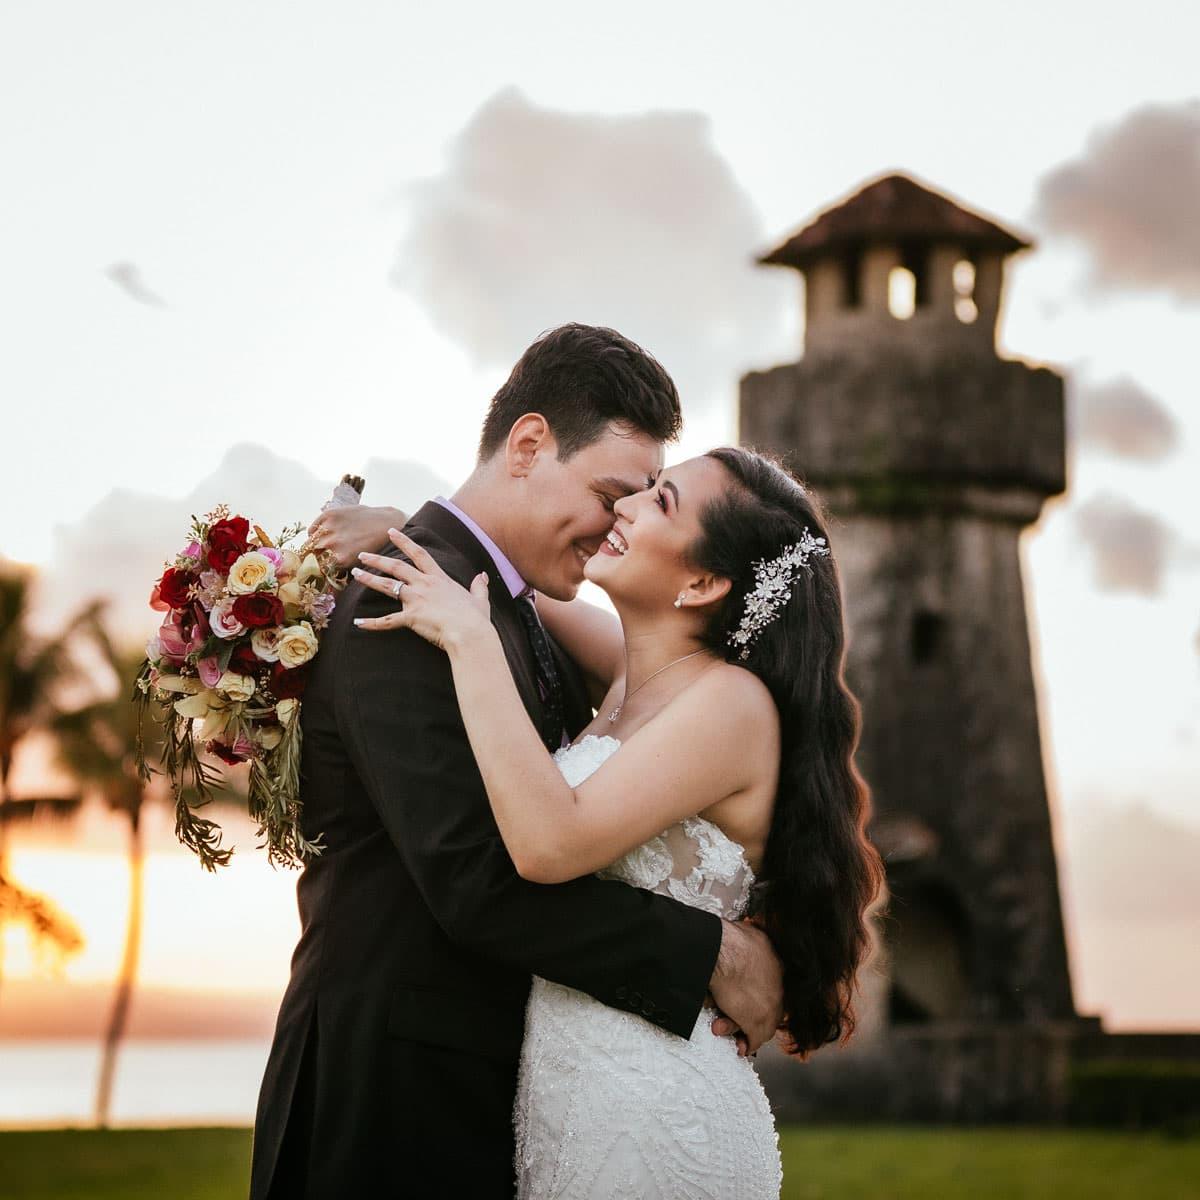 Fotografía de bodas.